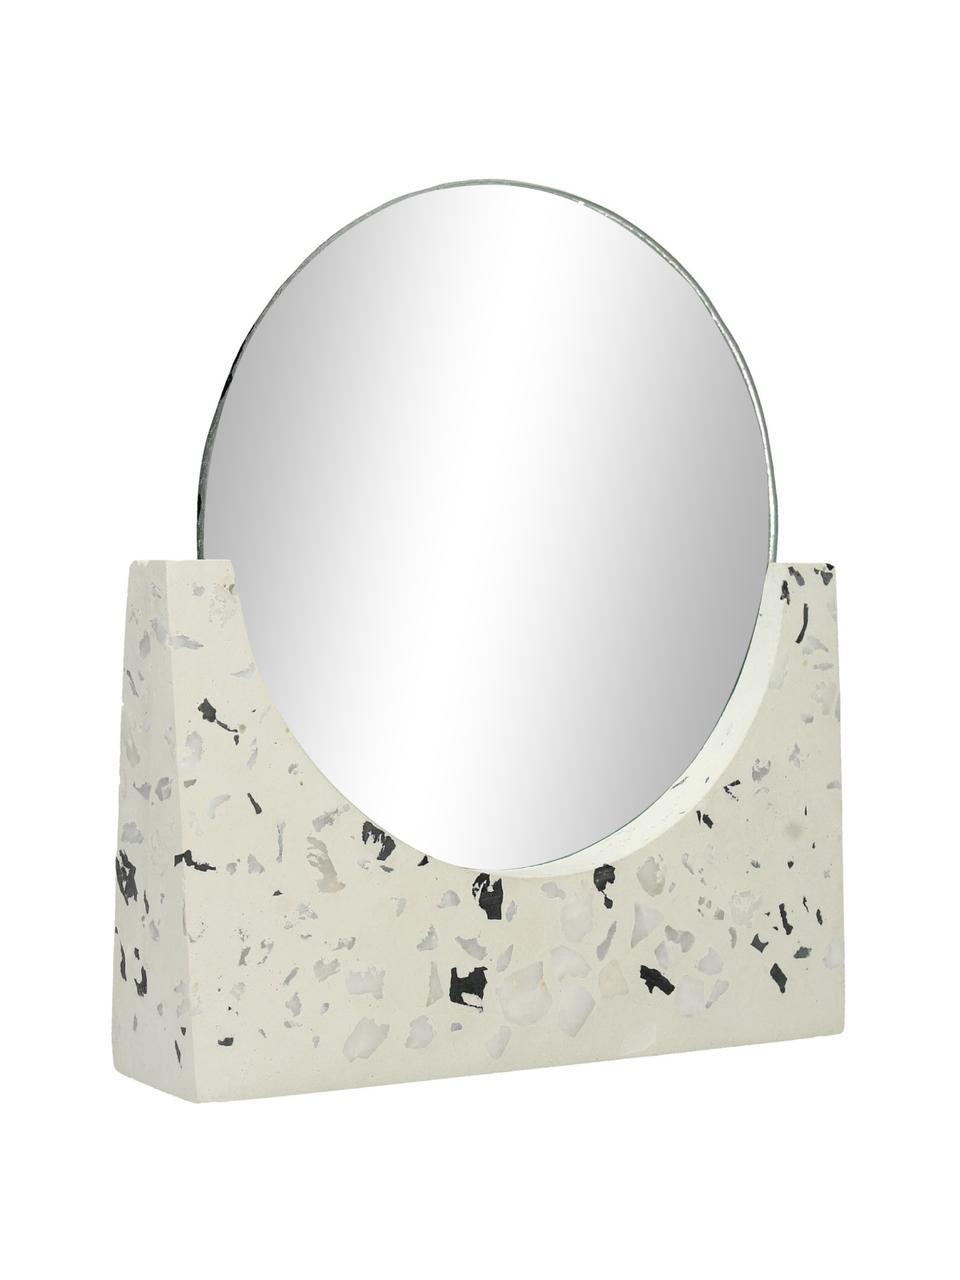 Runder Kosmetikspiegel Mirriam mit Terrazzosockel, Sockel: Terrazzo, Spiegelfläche: Spiegelglas, Weiß, 17 x 17 cm